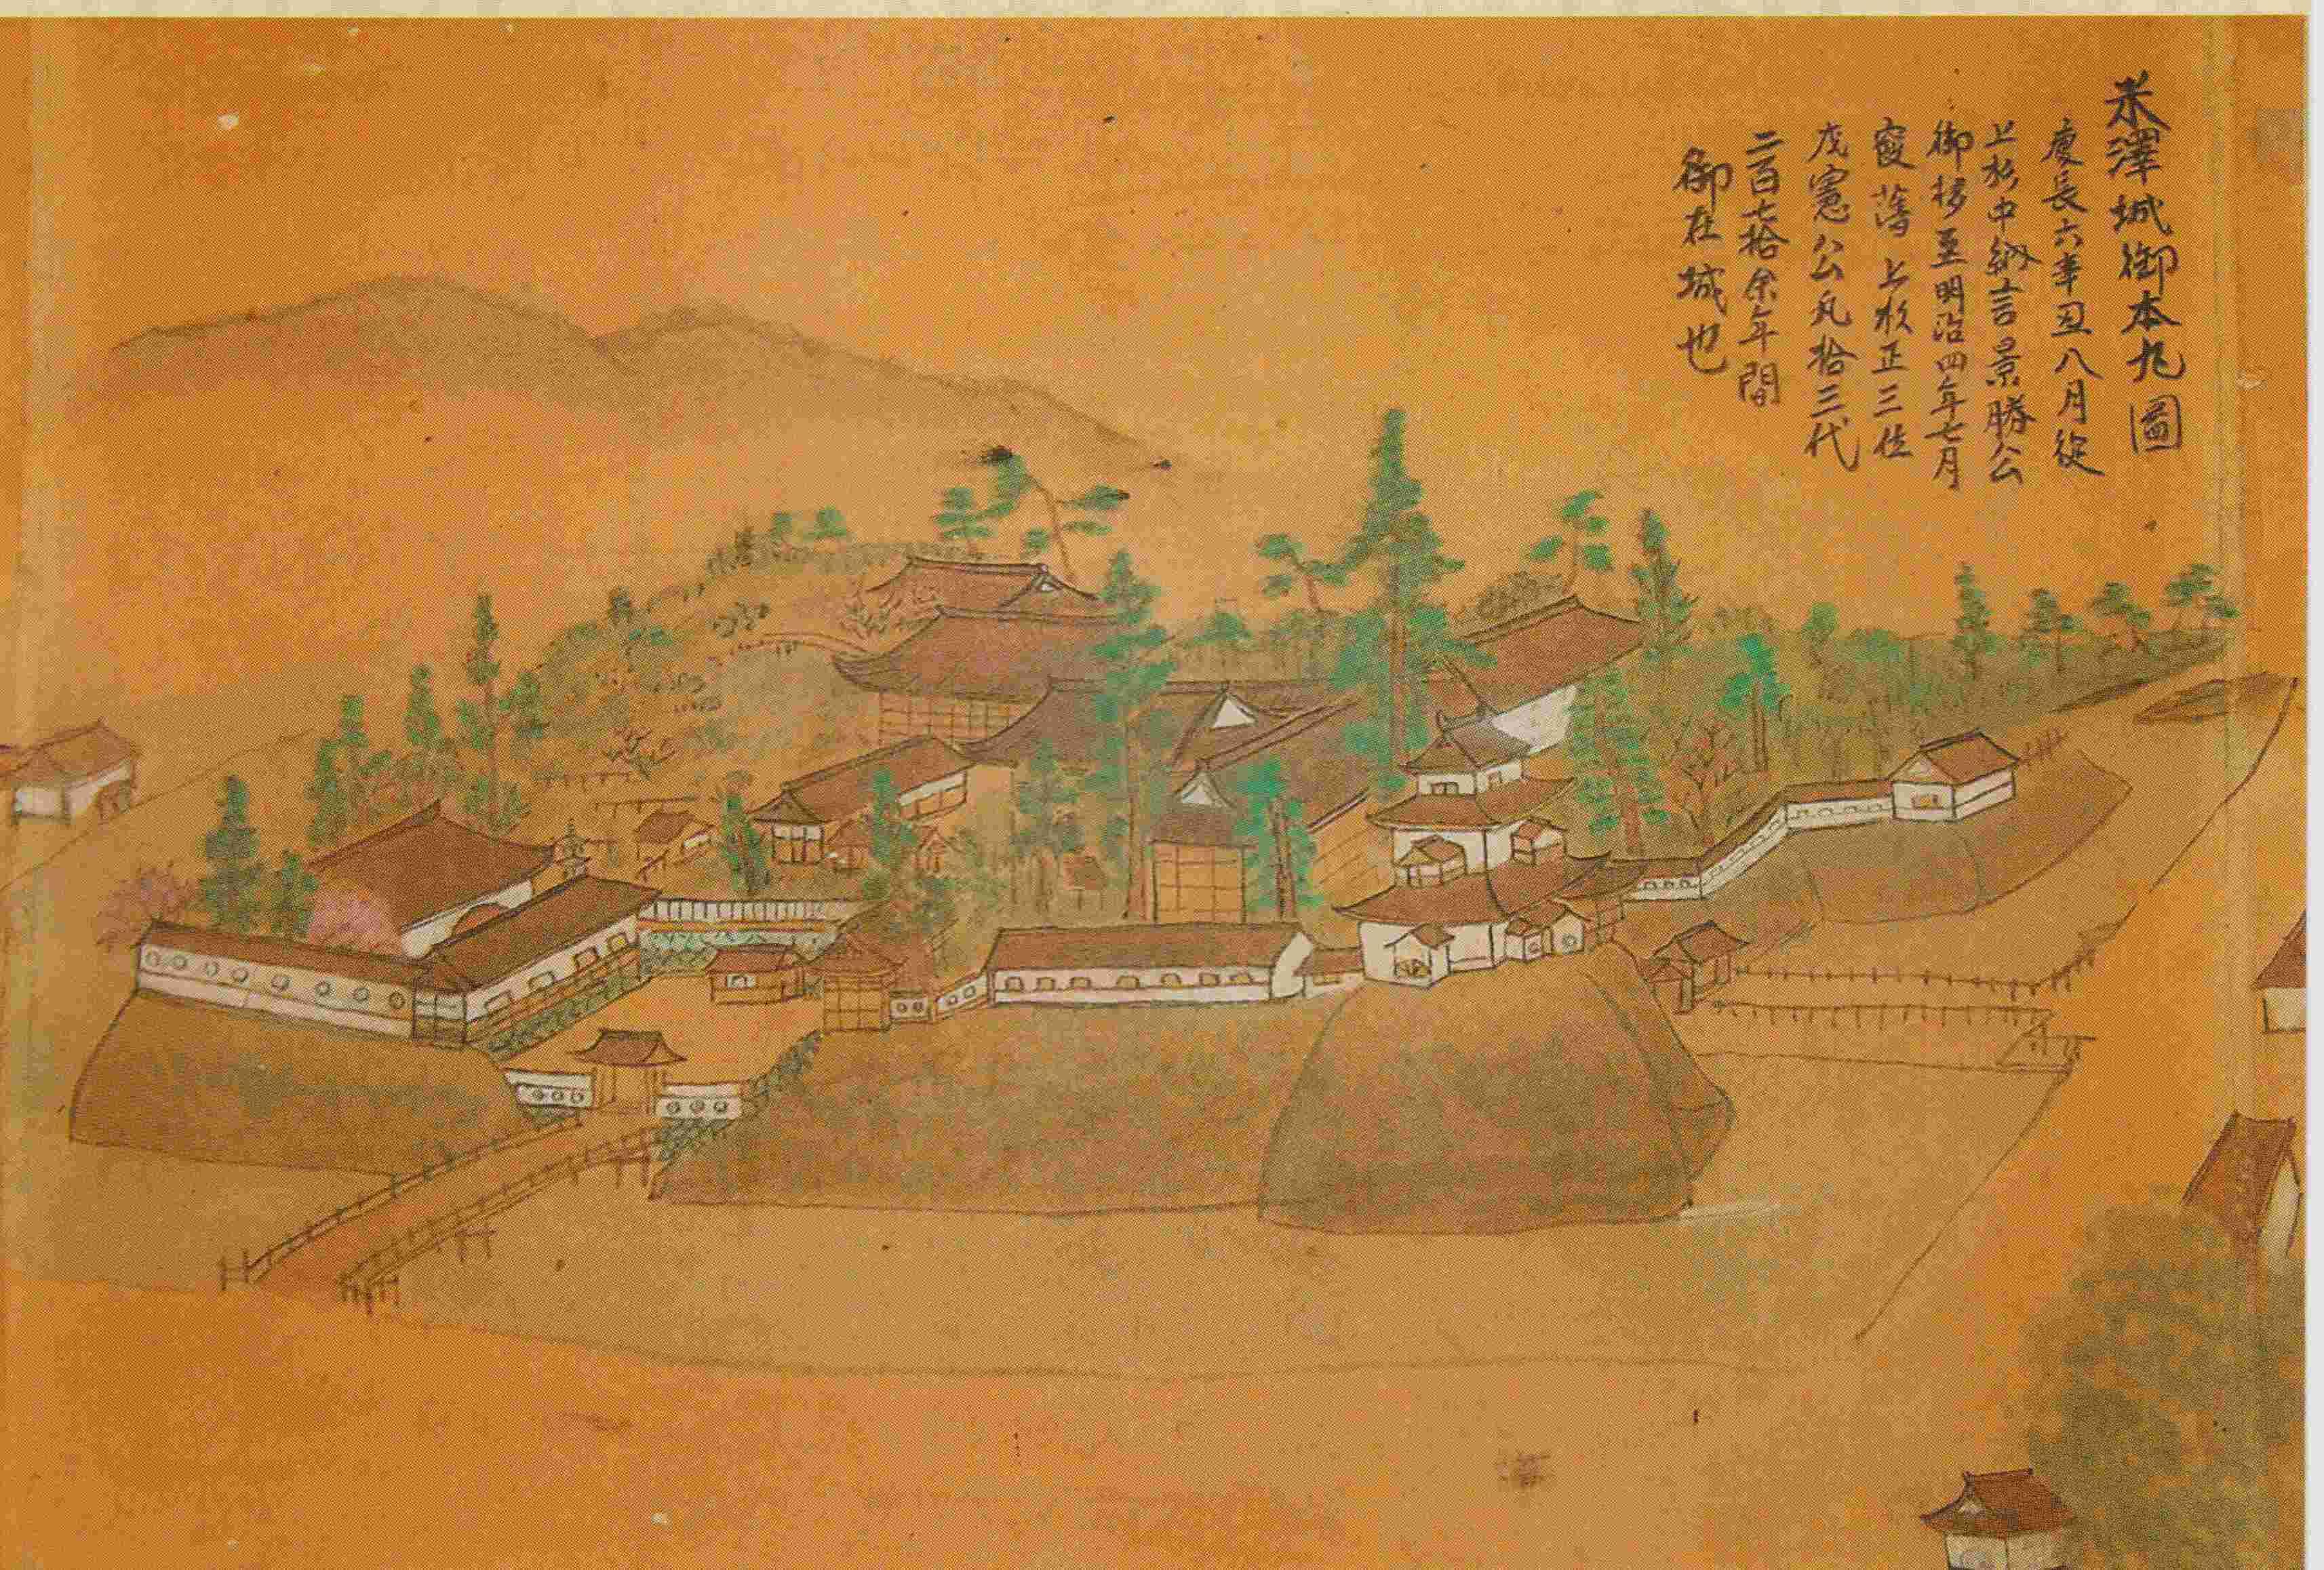 米沢城本丸図